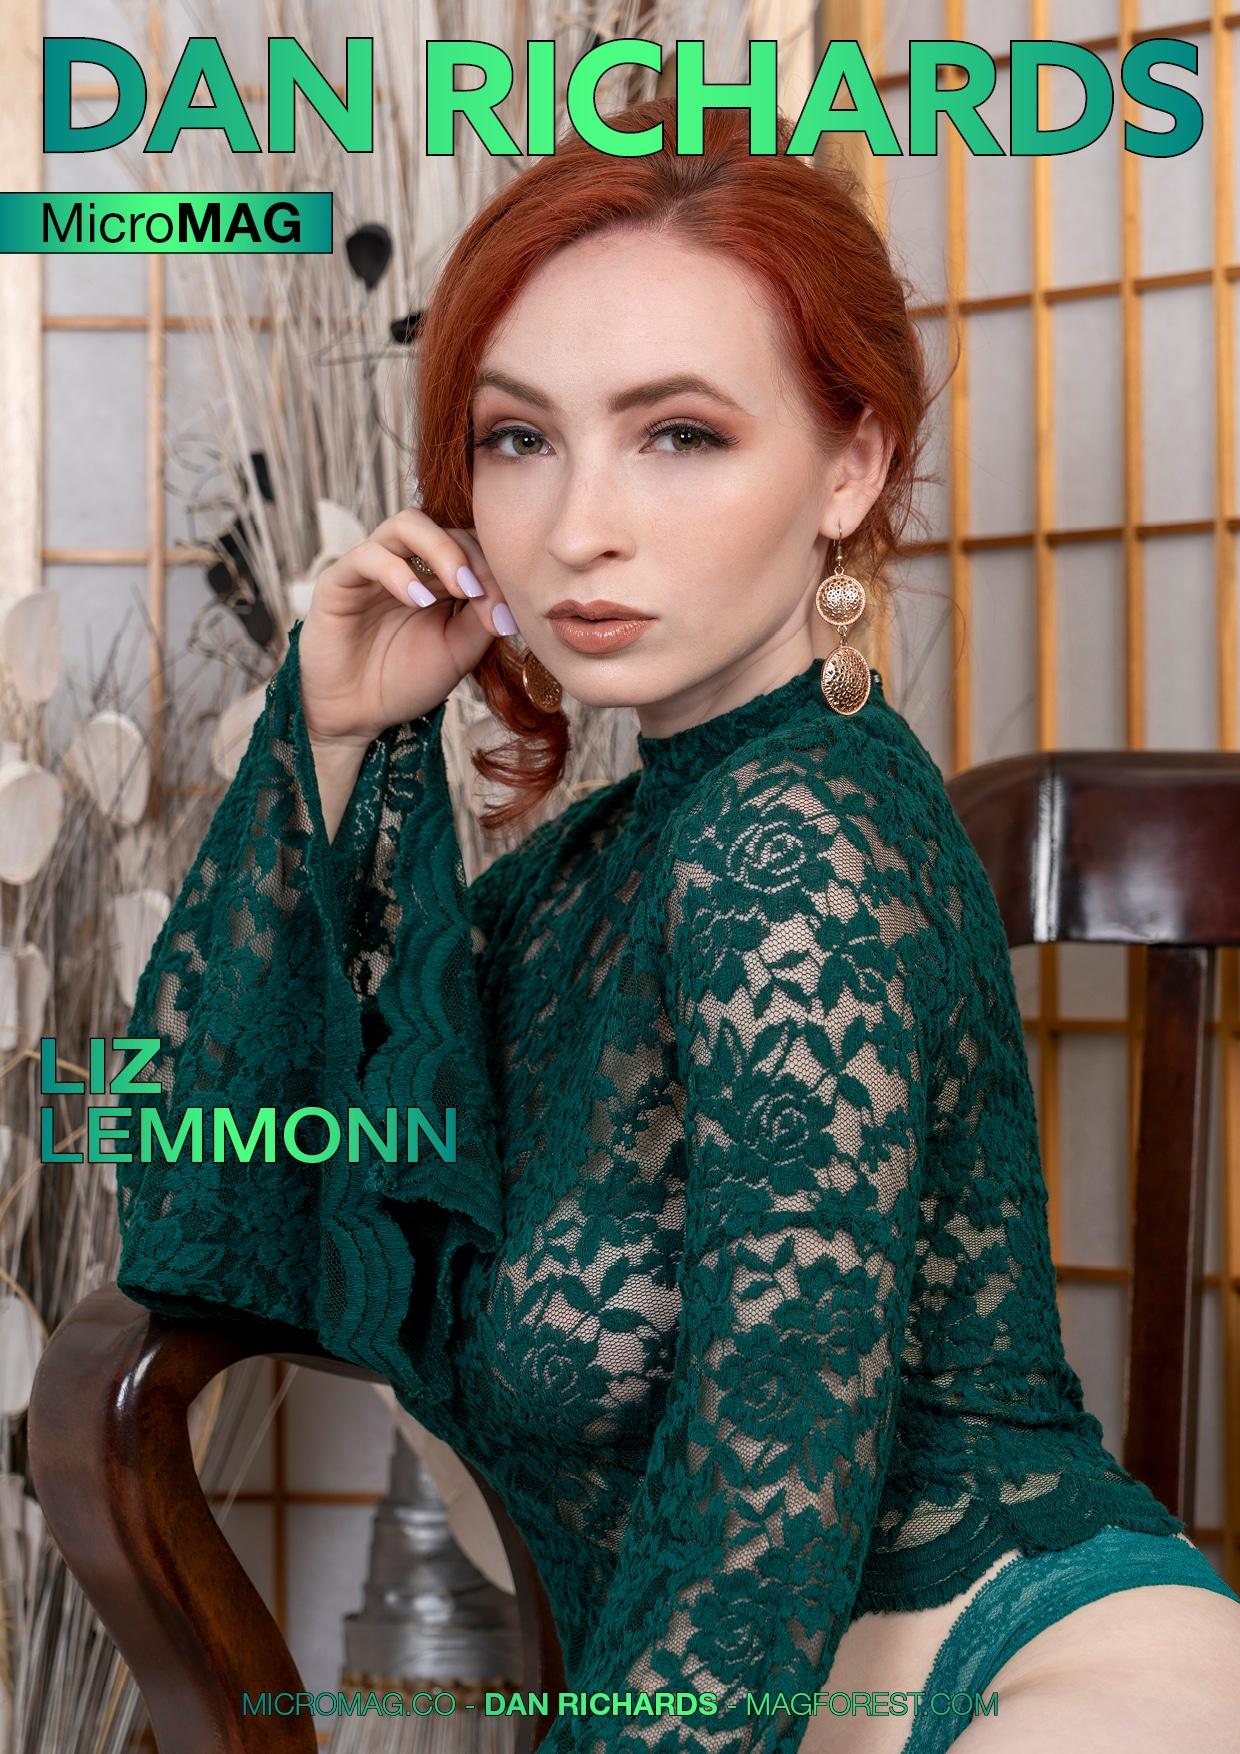 Dan Richards MicroMAG - Liz Lemmonn - Issue 5